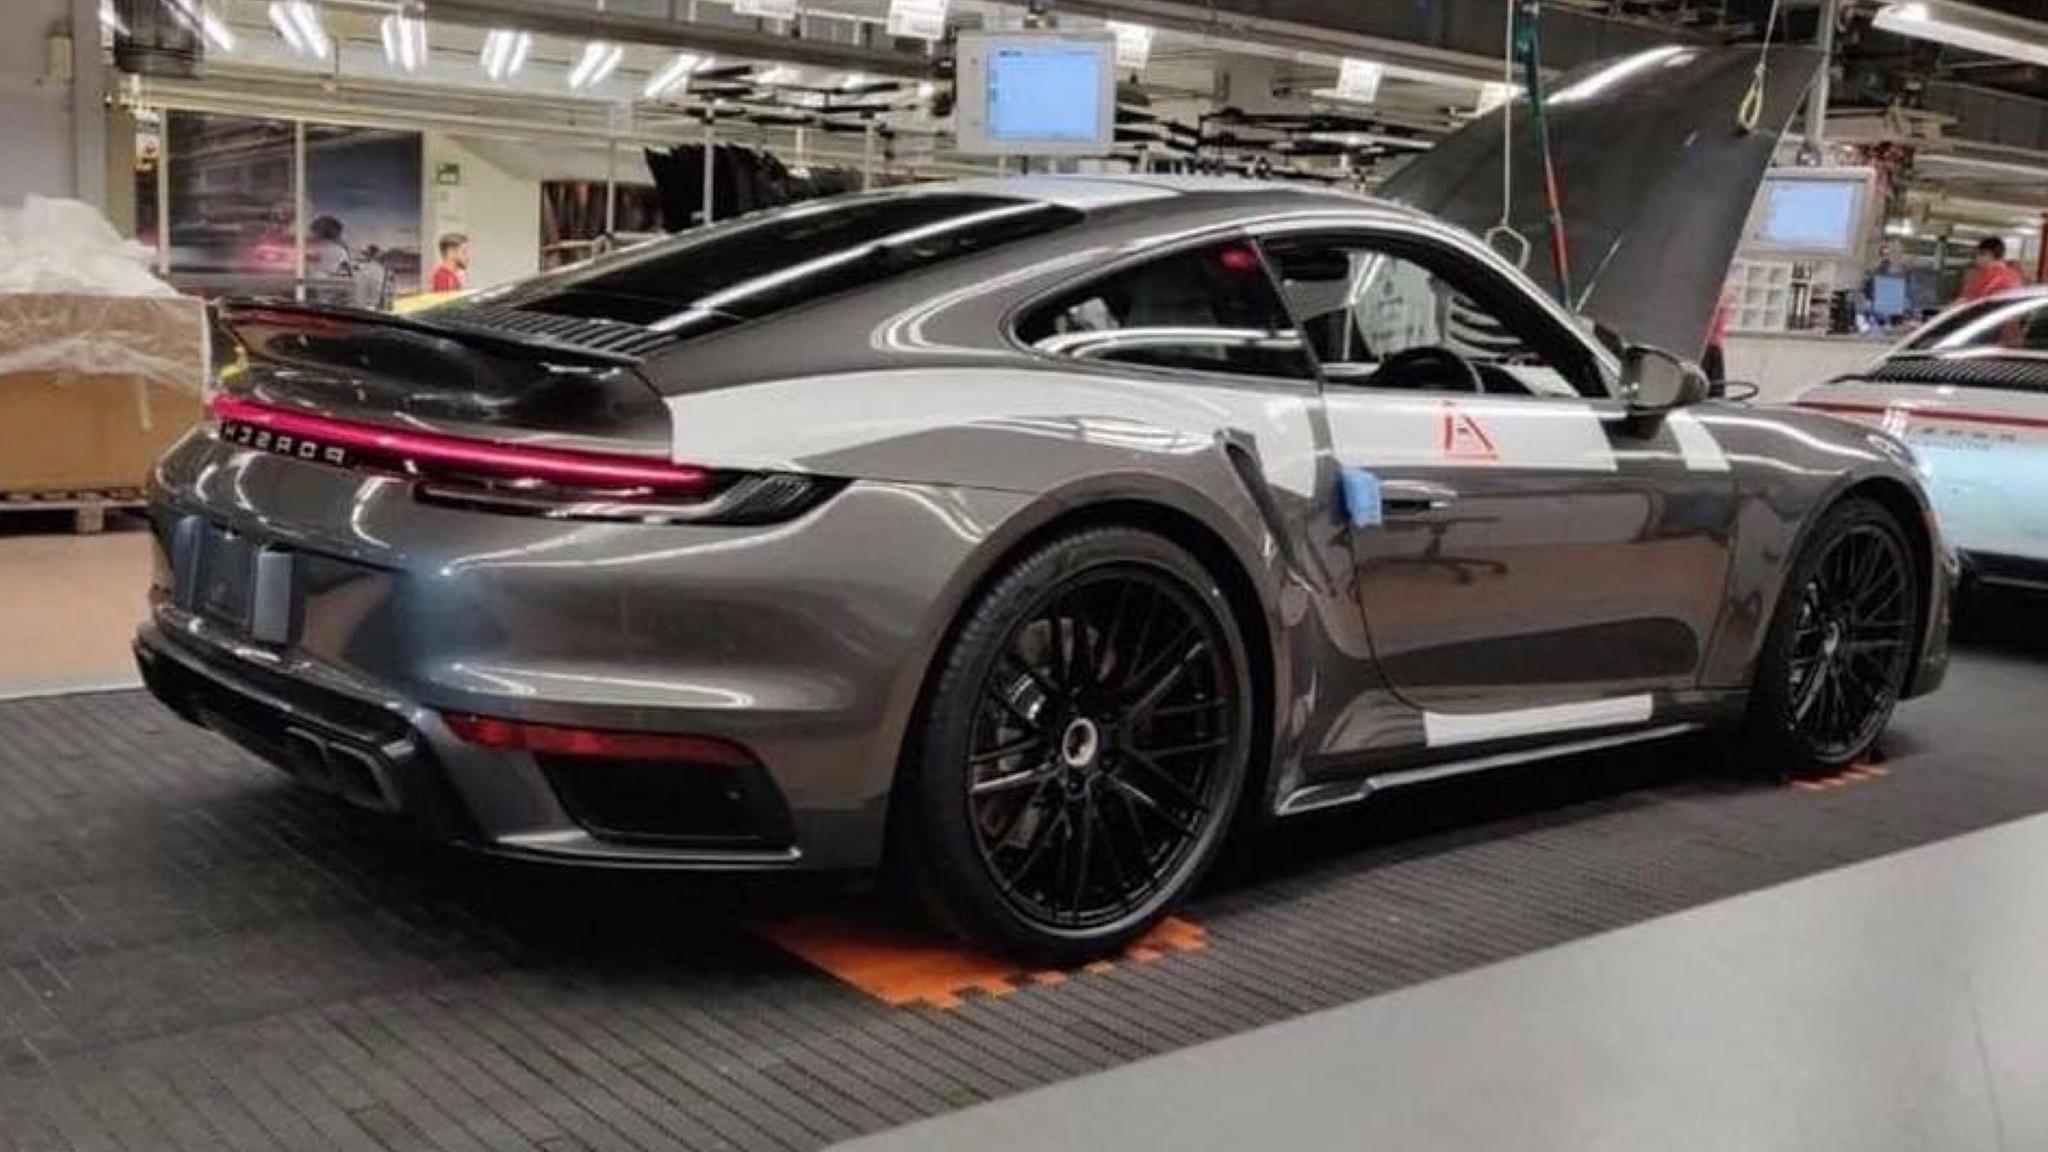 Are You The 992 Porsche 911 Turbo